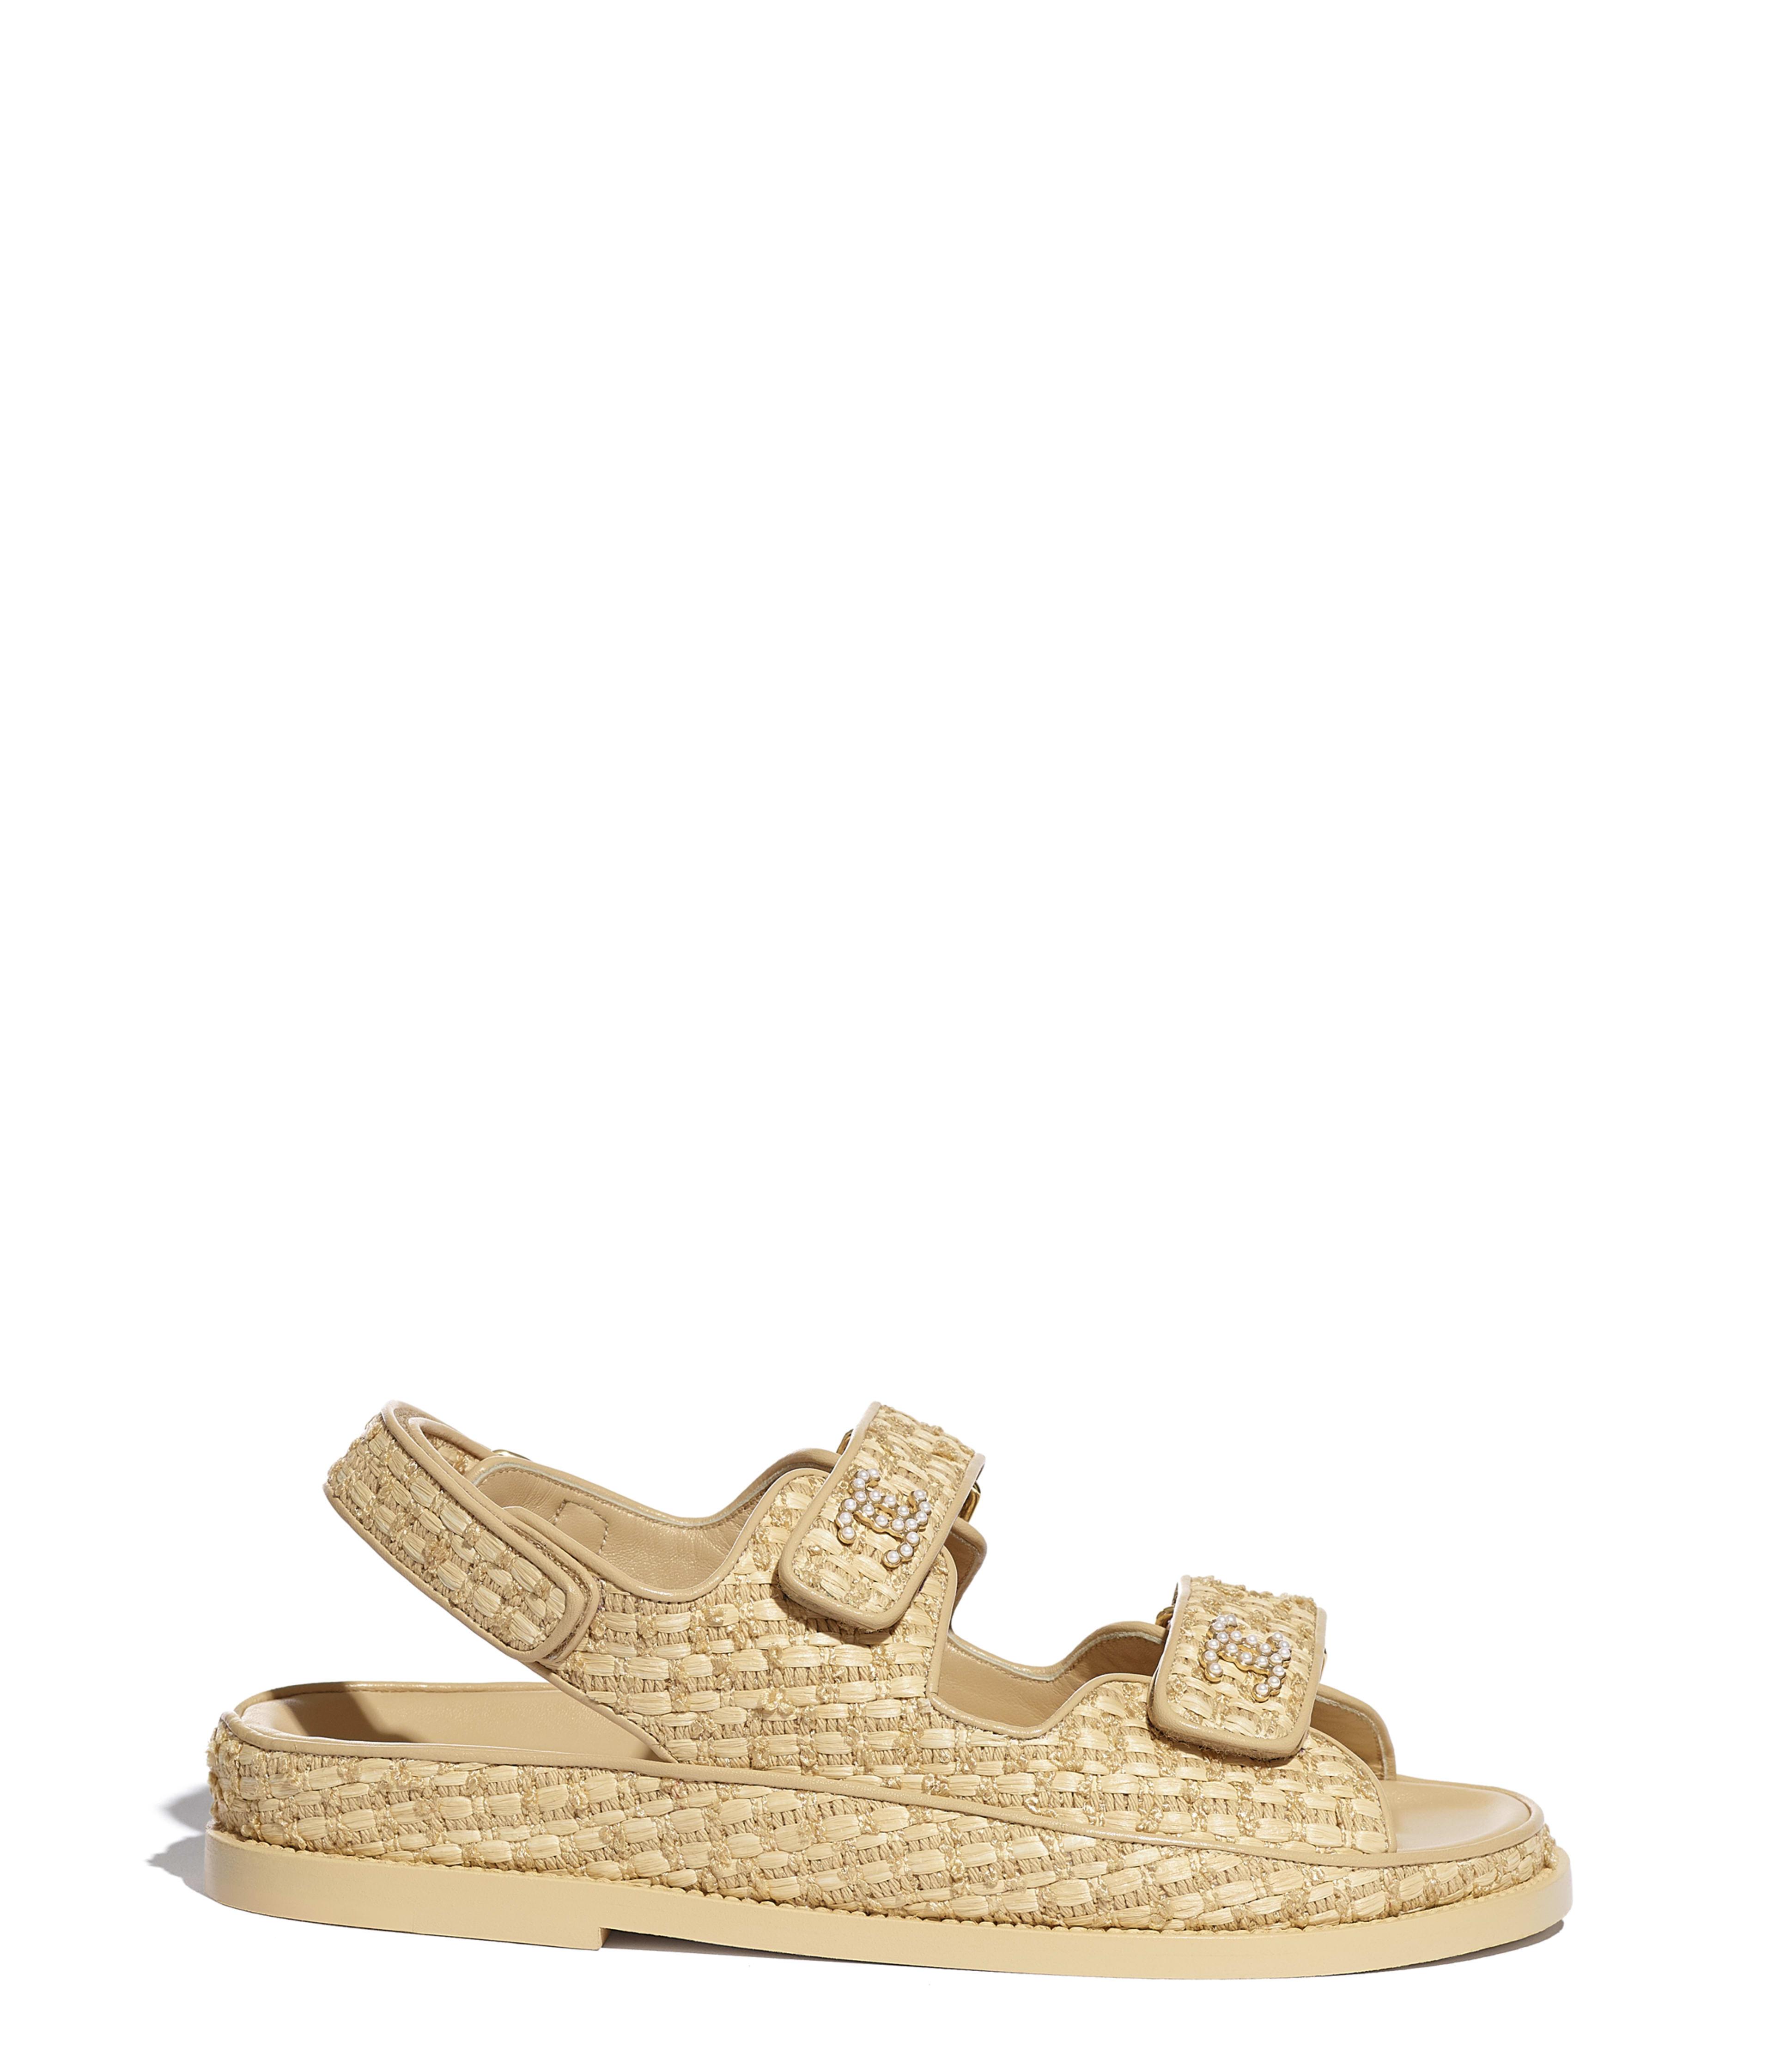 buy chanel sandals online